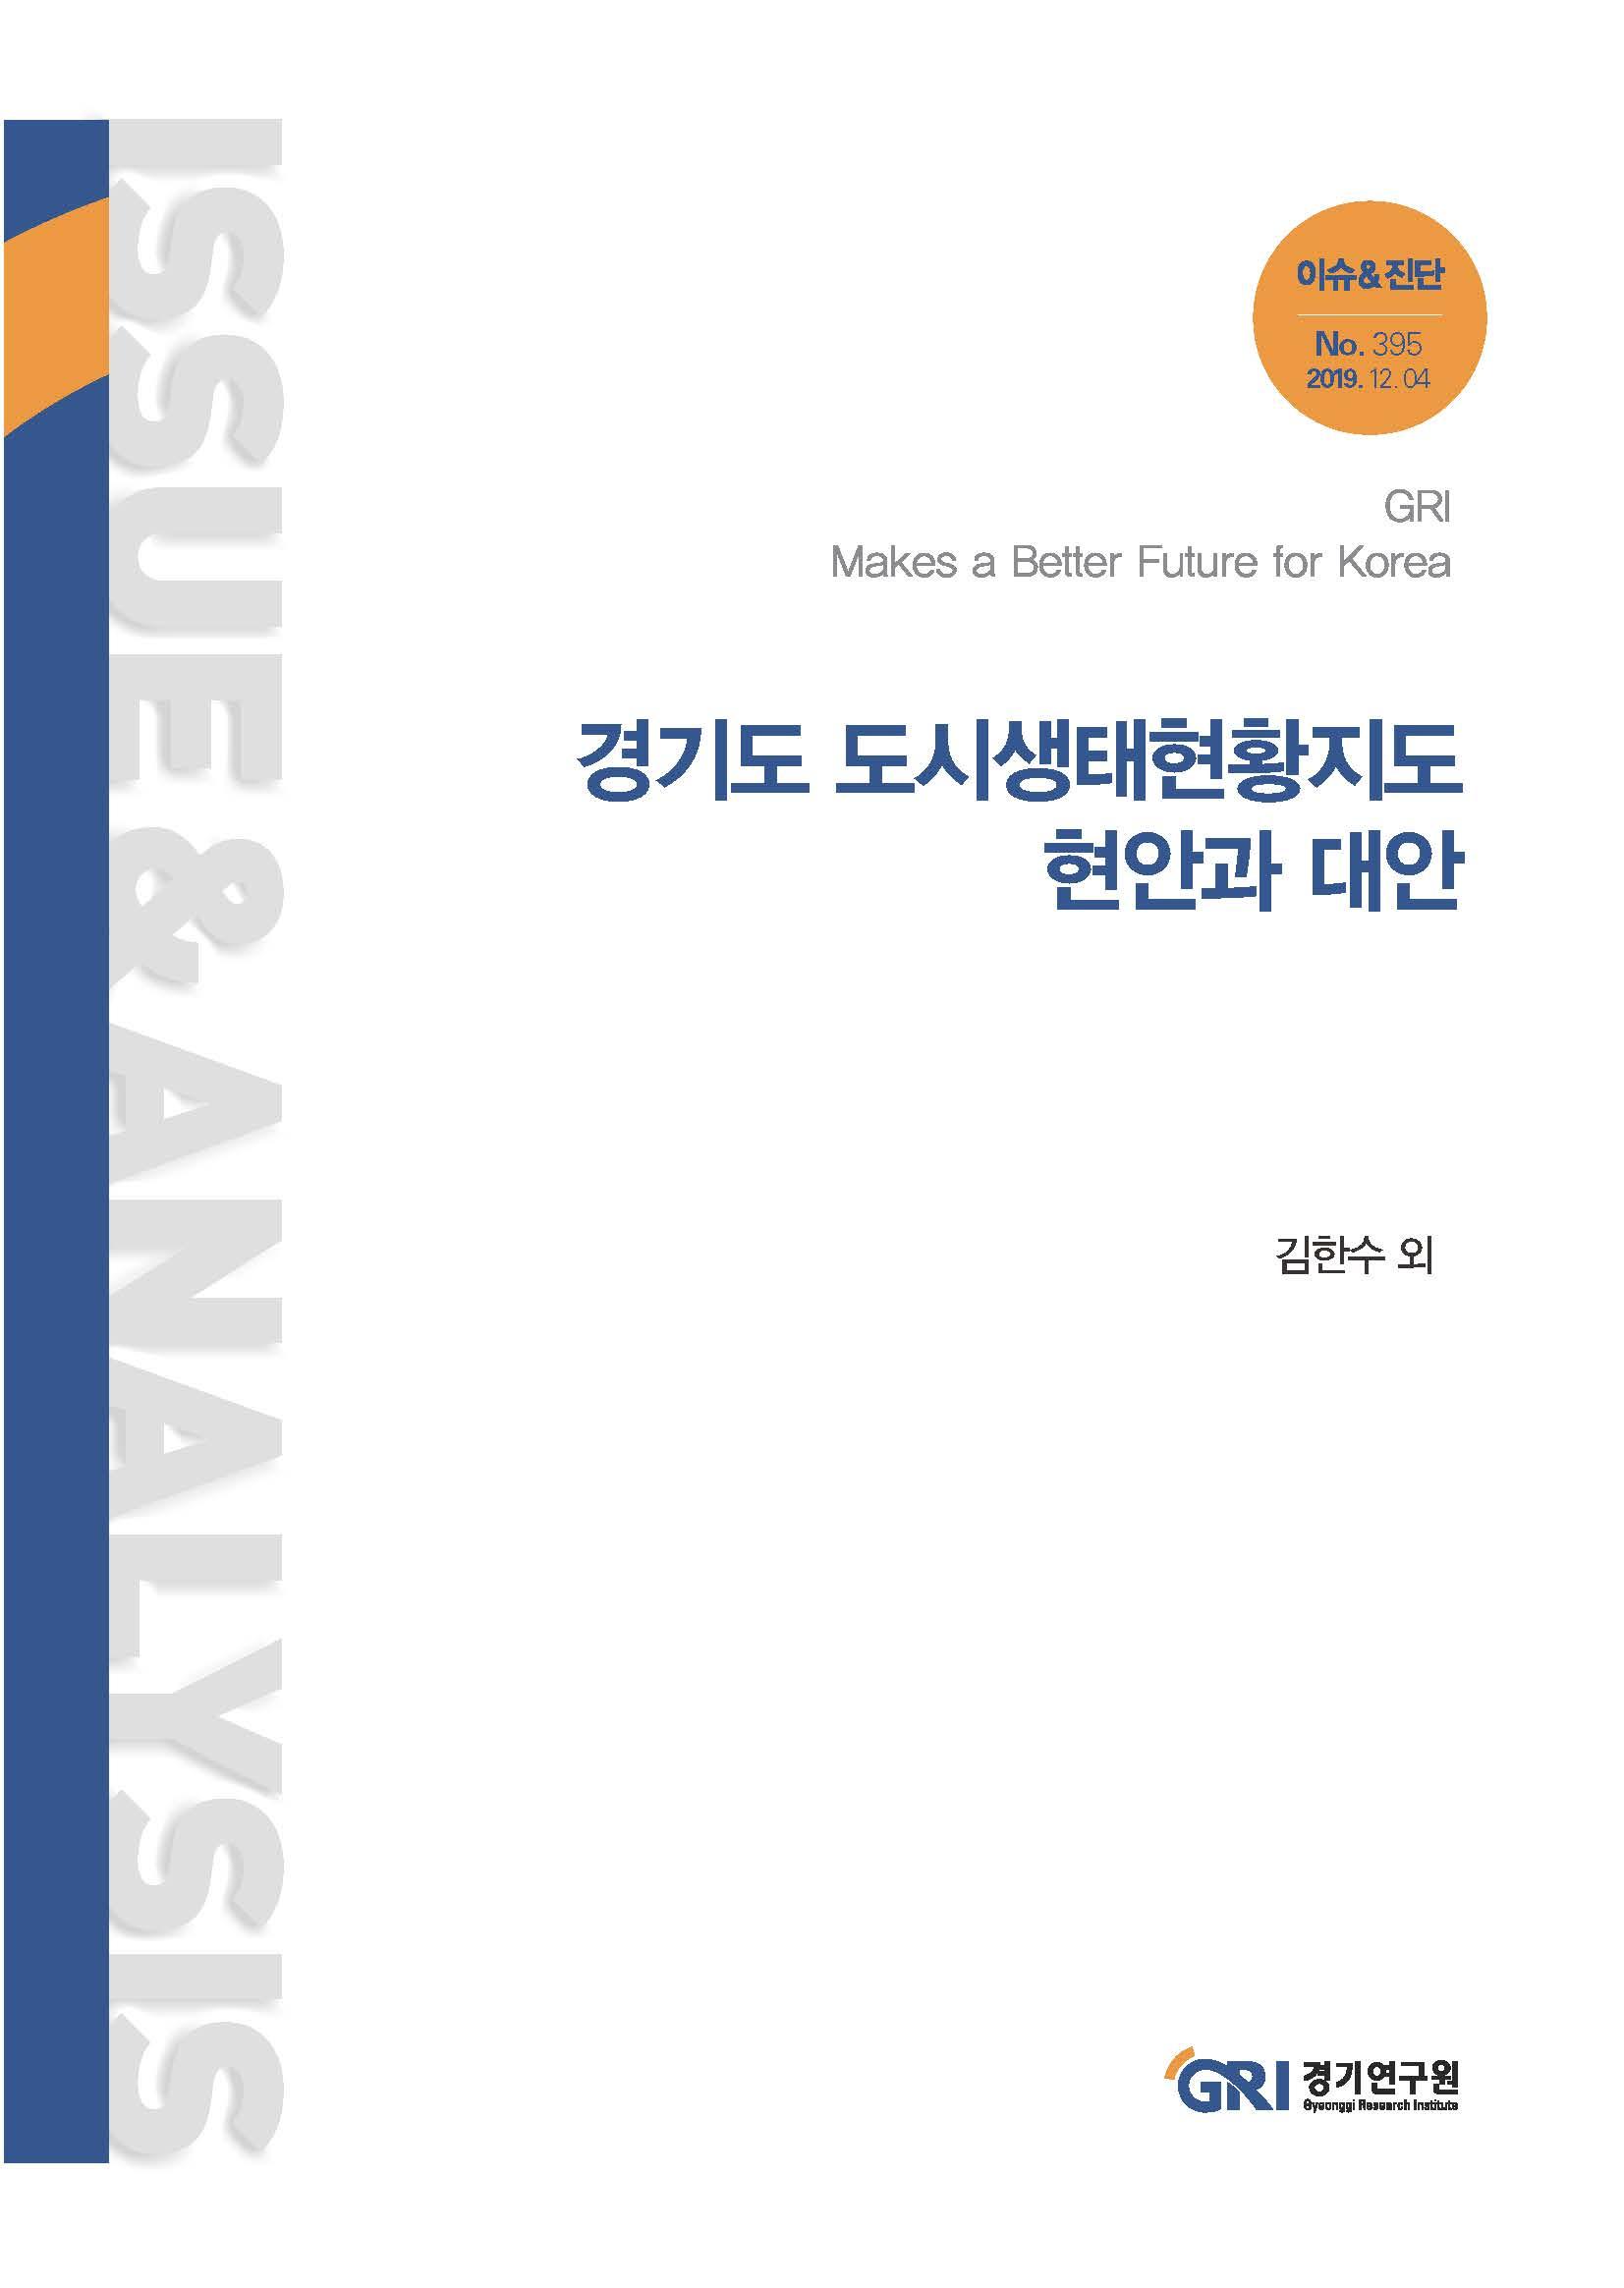 경기도 도시생태현황지도 현안과 대안